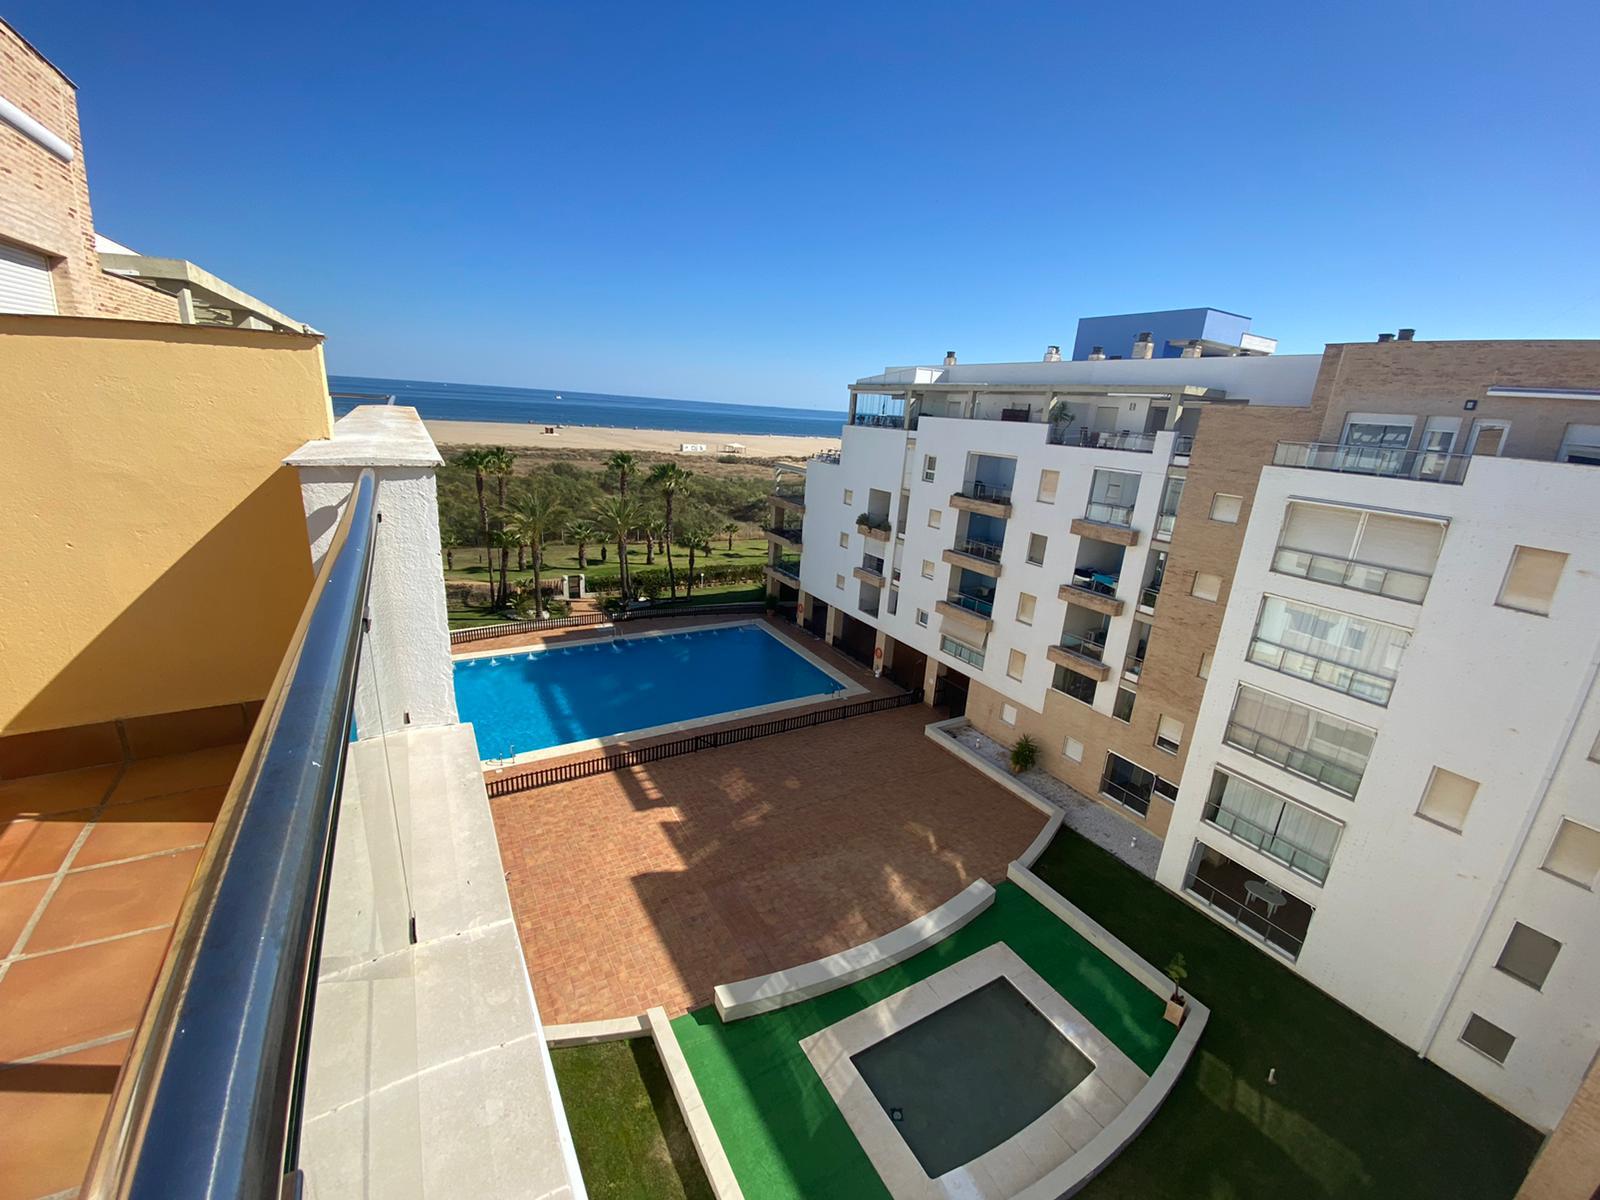 Imagen 8 del Apartamento Turístico, Ático 8 Central (3d+2b), Punta del Moral (HUELVA), Paseo de la Cruz nº22